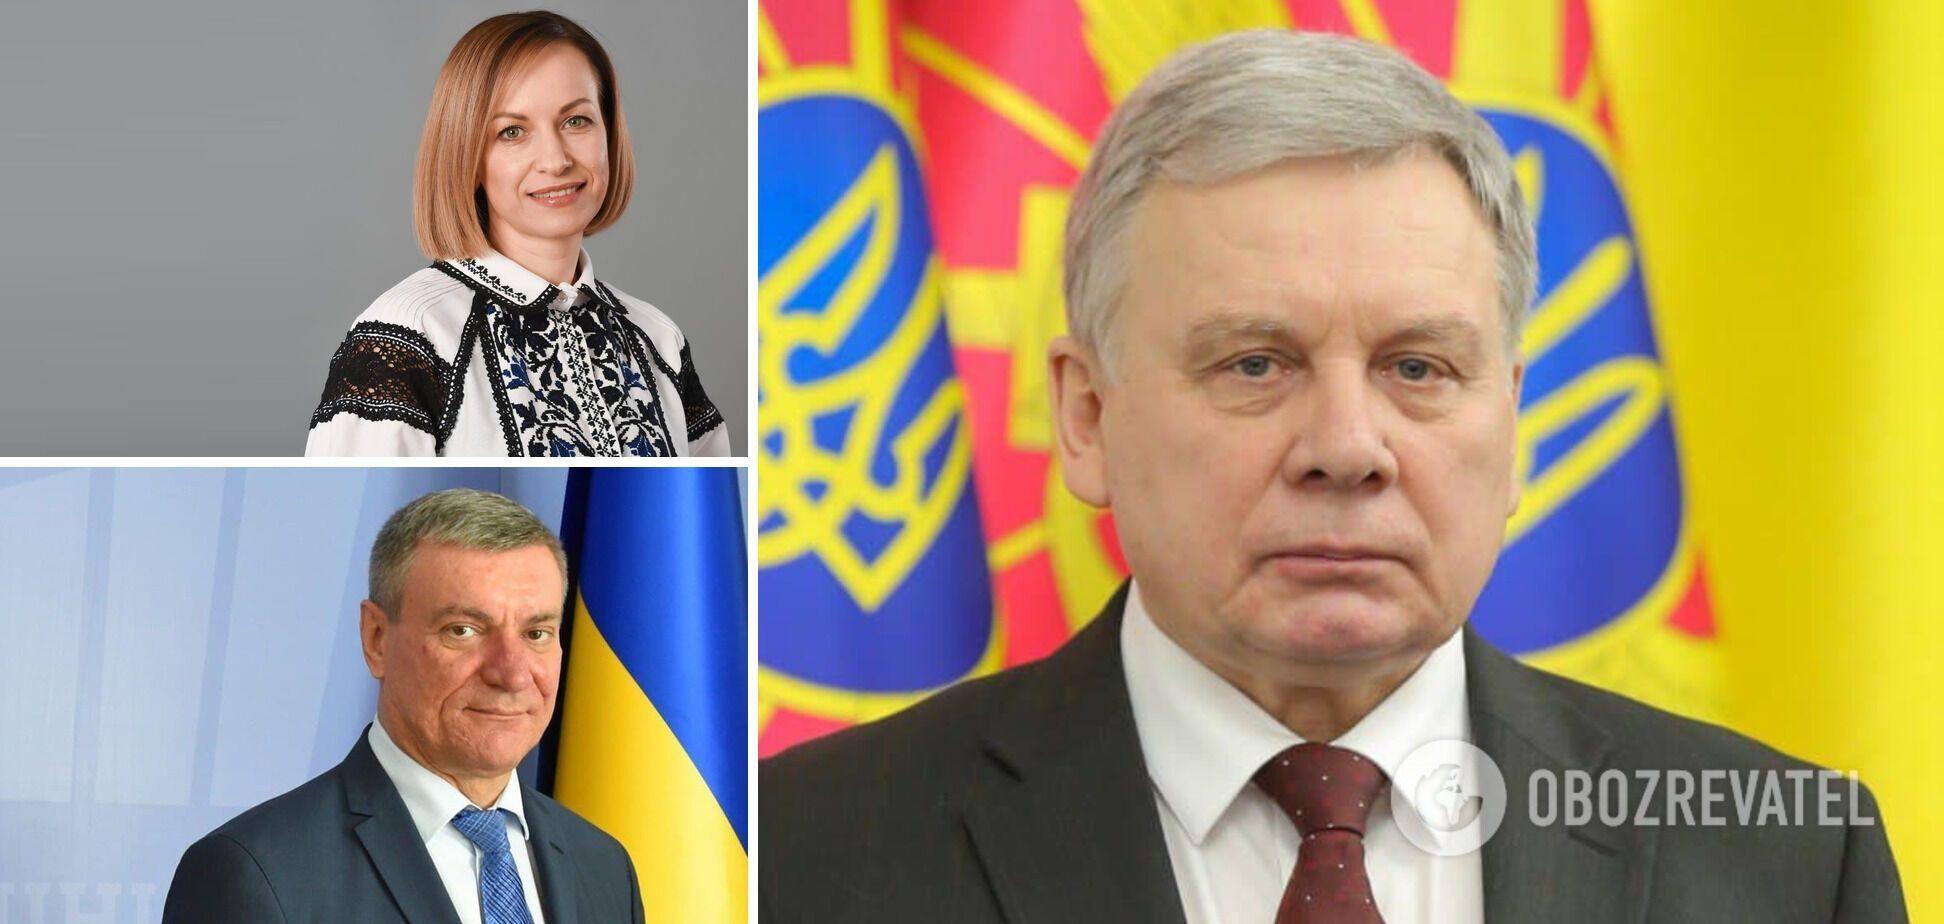 Источники сообщают об увольнении трех министров.